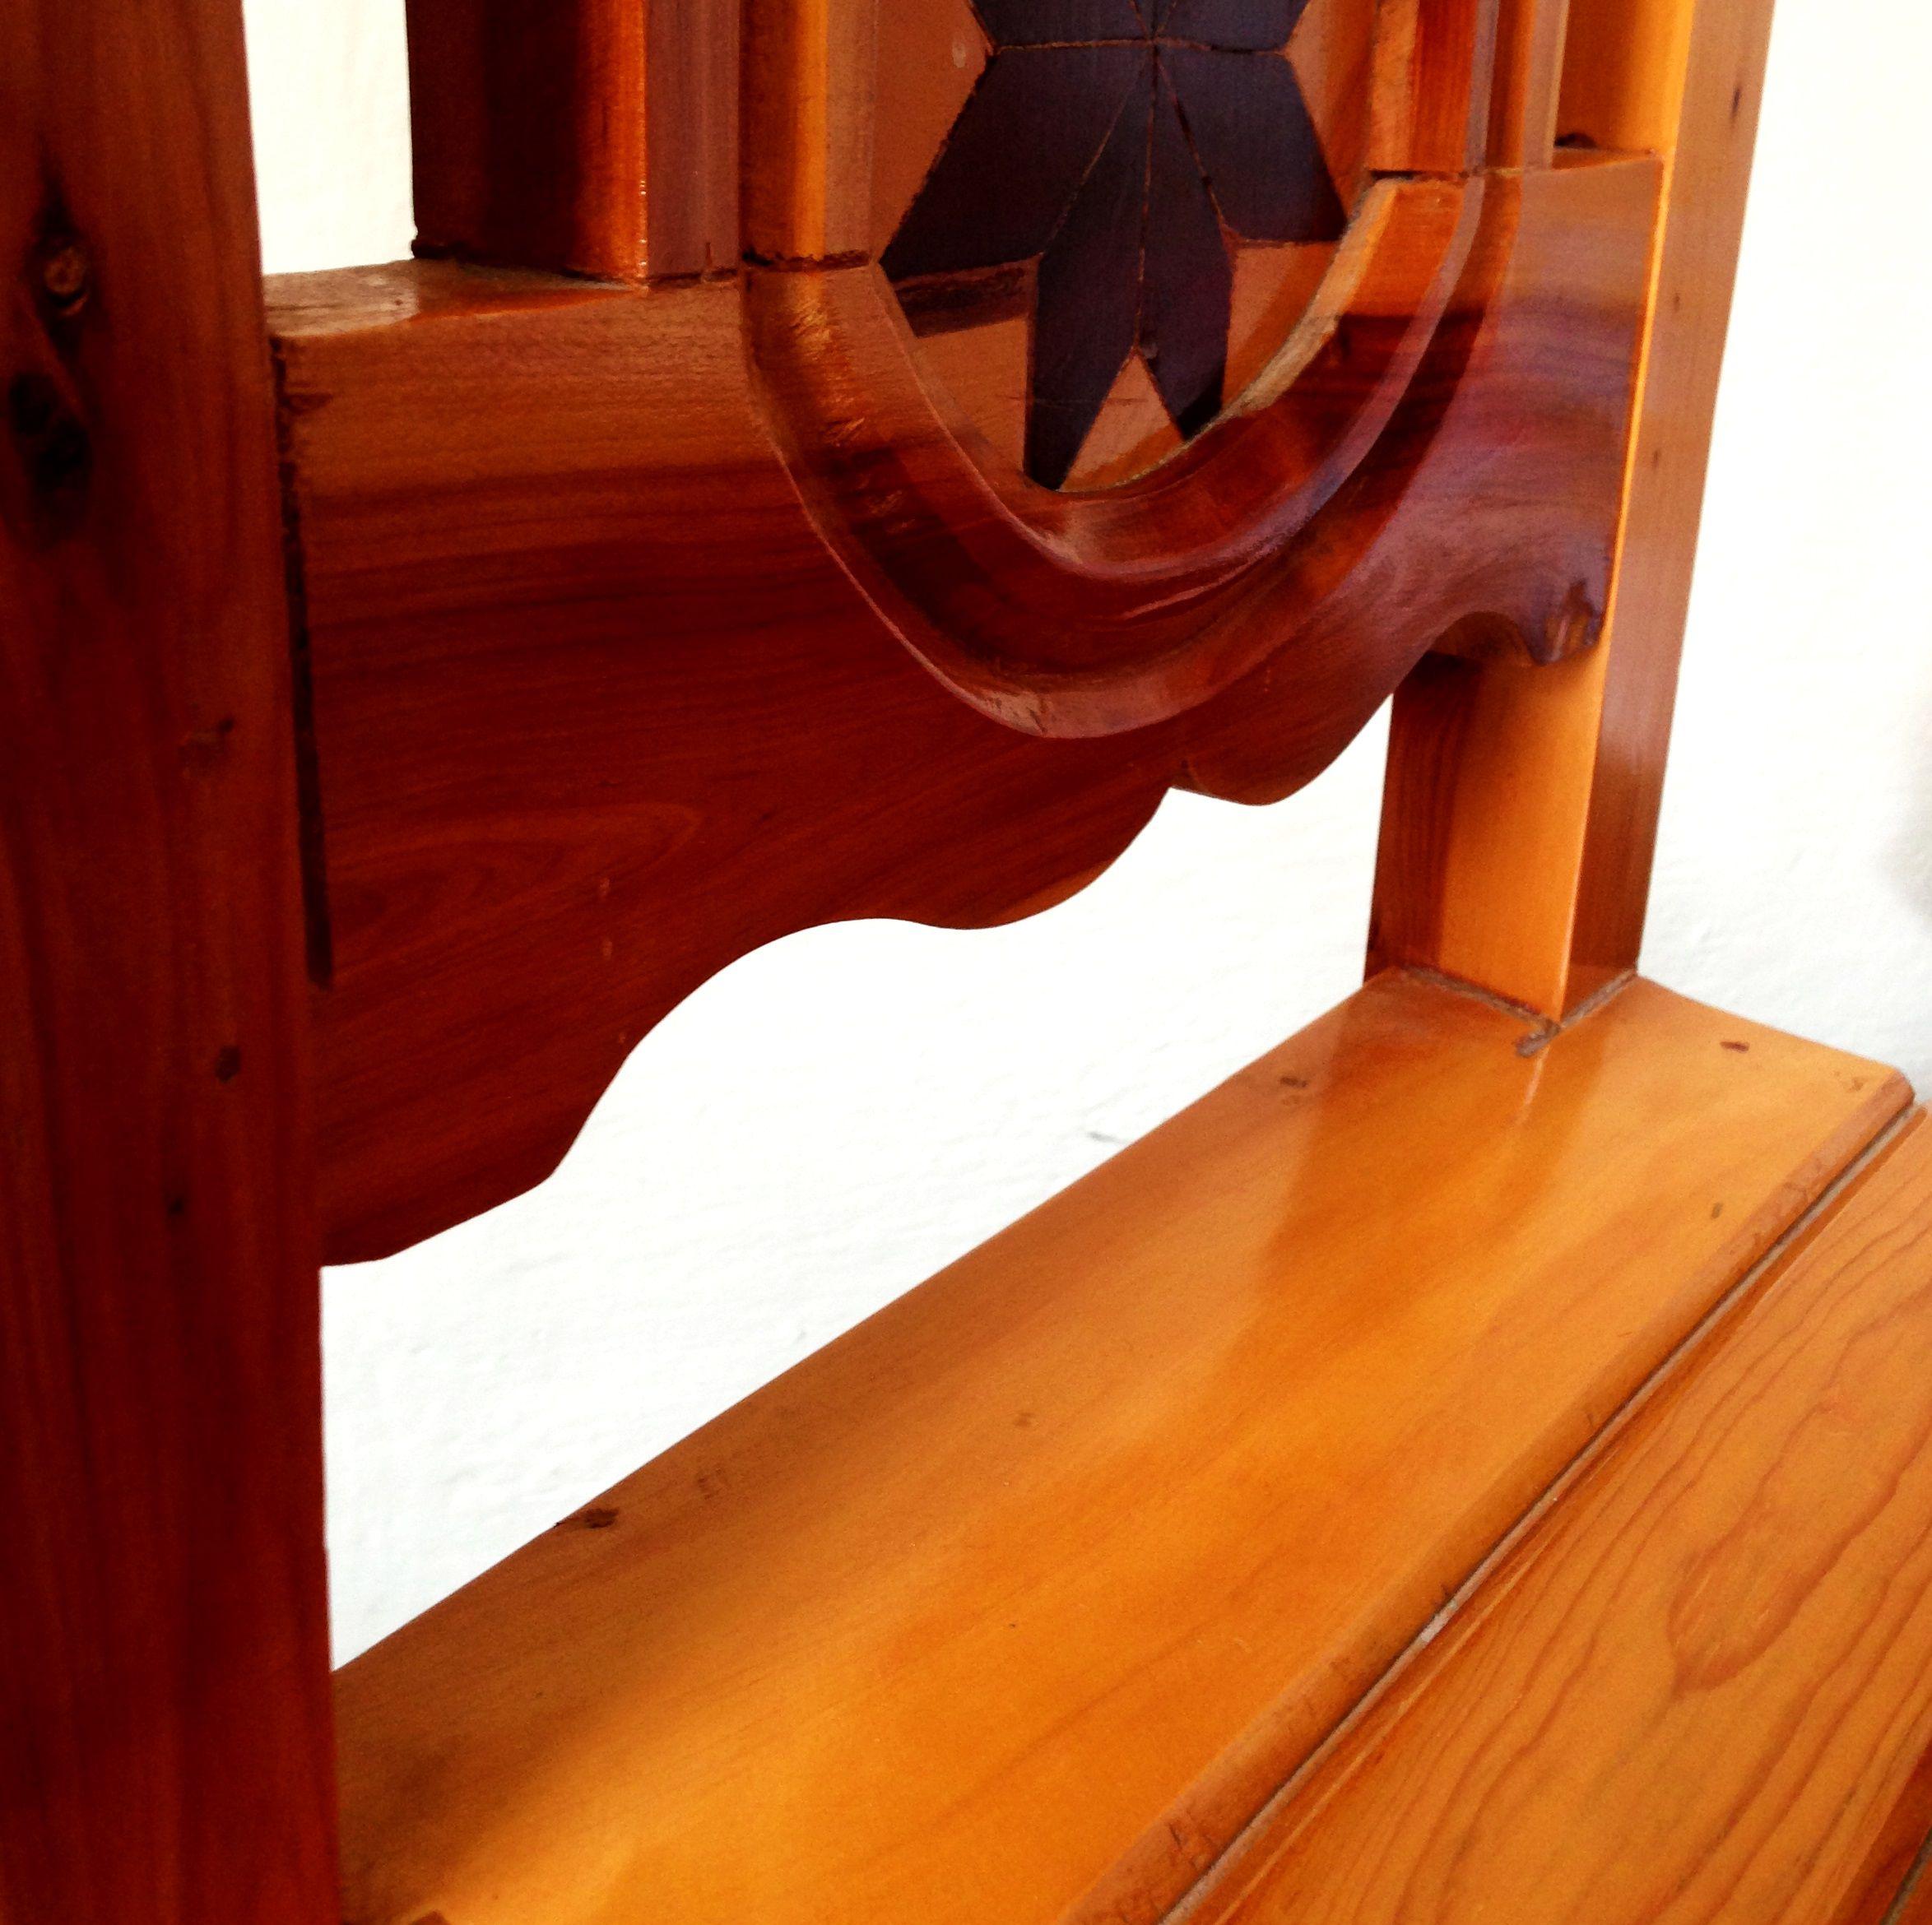 Tipos de madera para muebles y construcci n for Tipos madera muebles